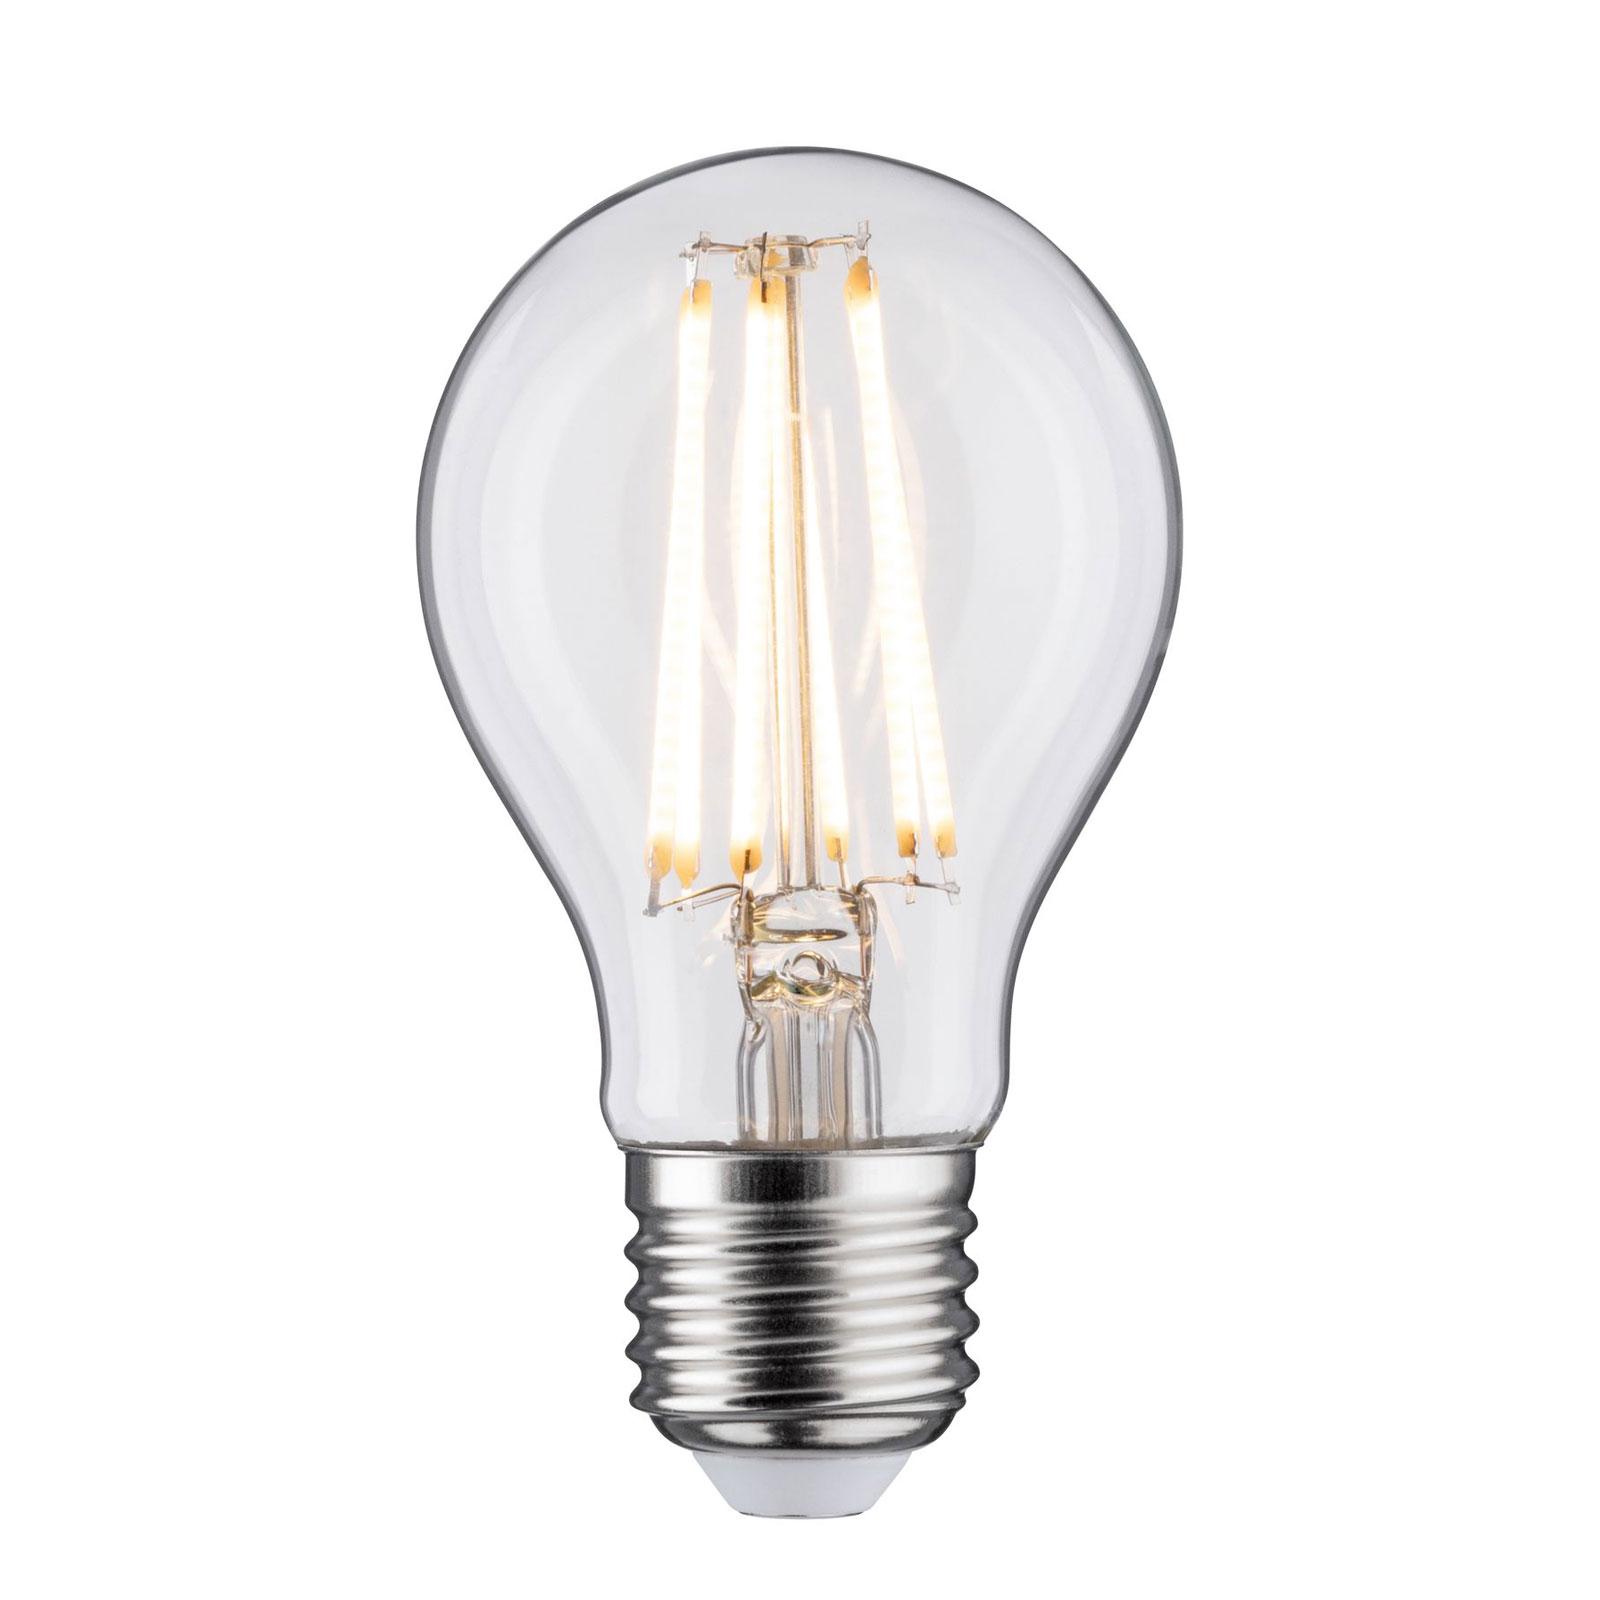 LED-pære E27 9 W Filament 2700K klar